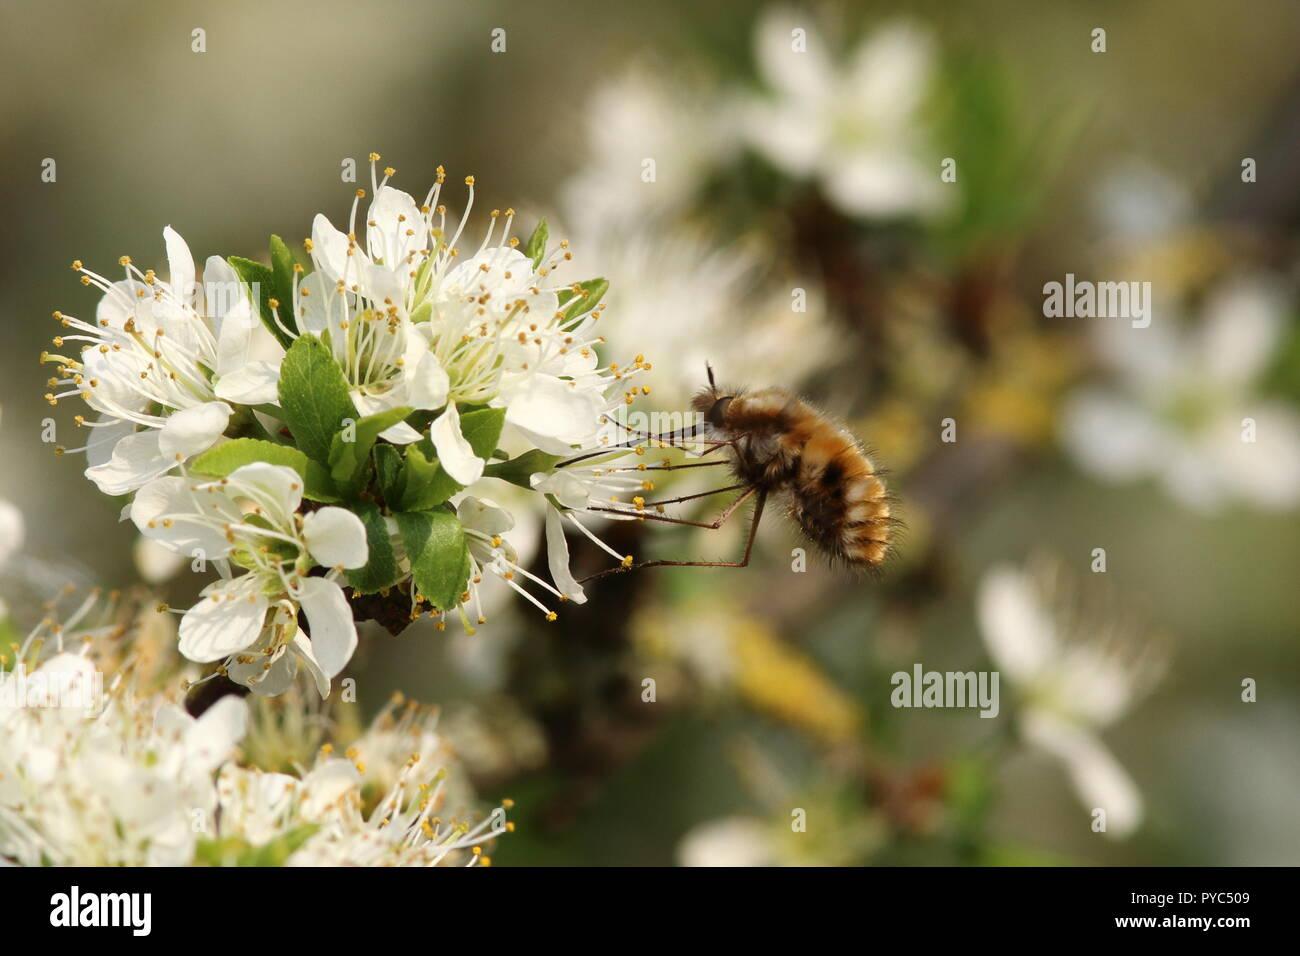 Beefly schwebt über einer hawthorn weiße Blume, Sammeln von Nektar über seinen langen Rüssel, Fütterung auf den Kotflügel am frühen Mayflower ist diese seltsame Insekt. Stockbild